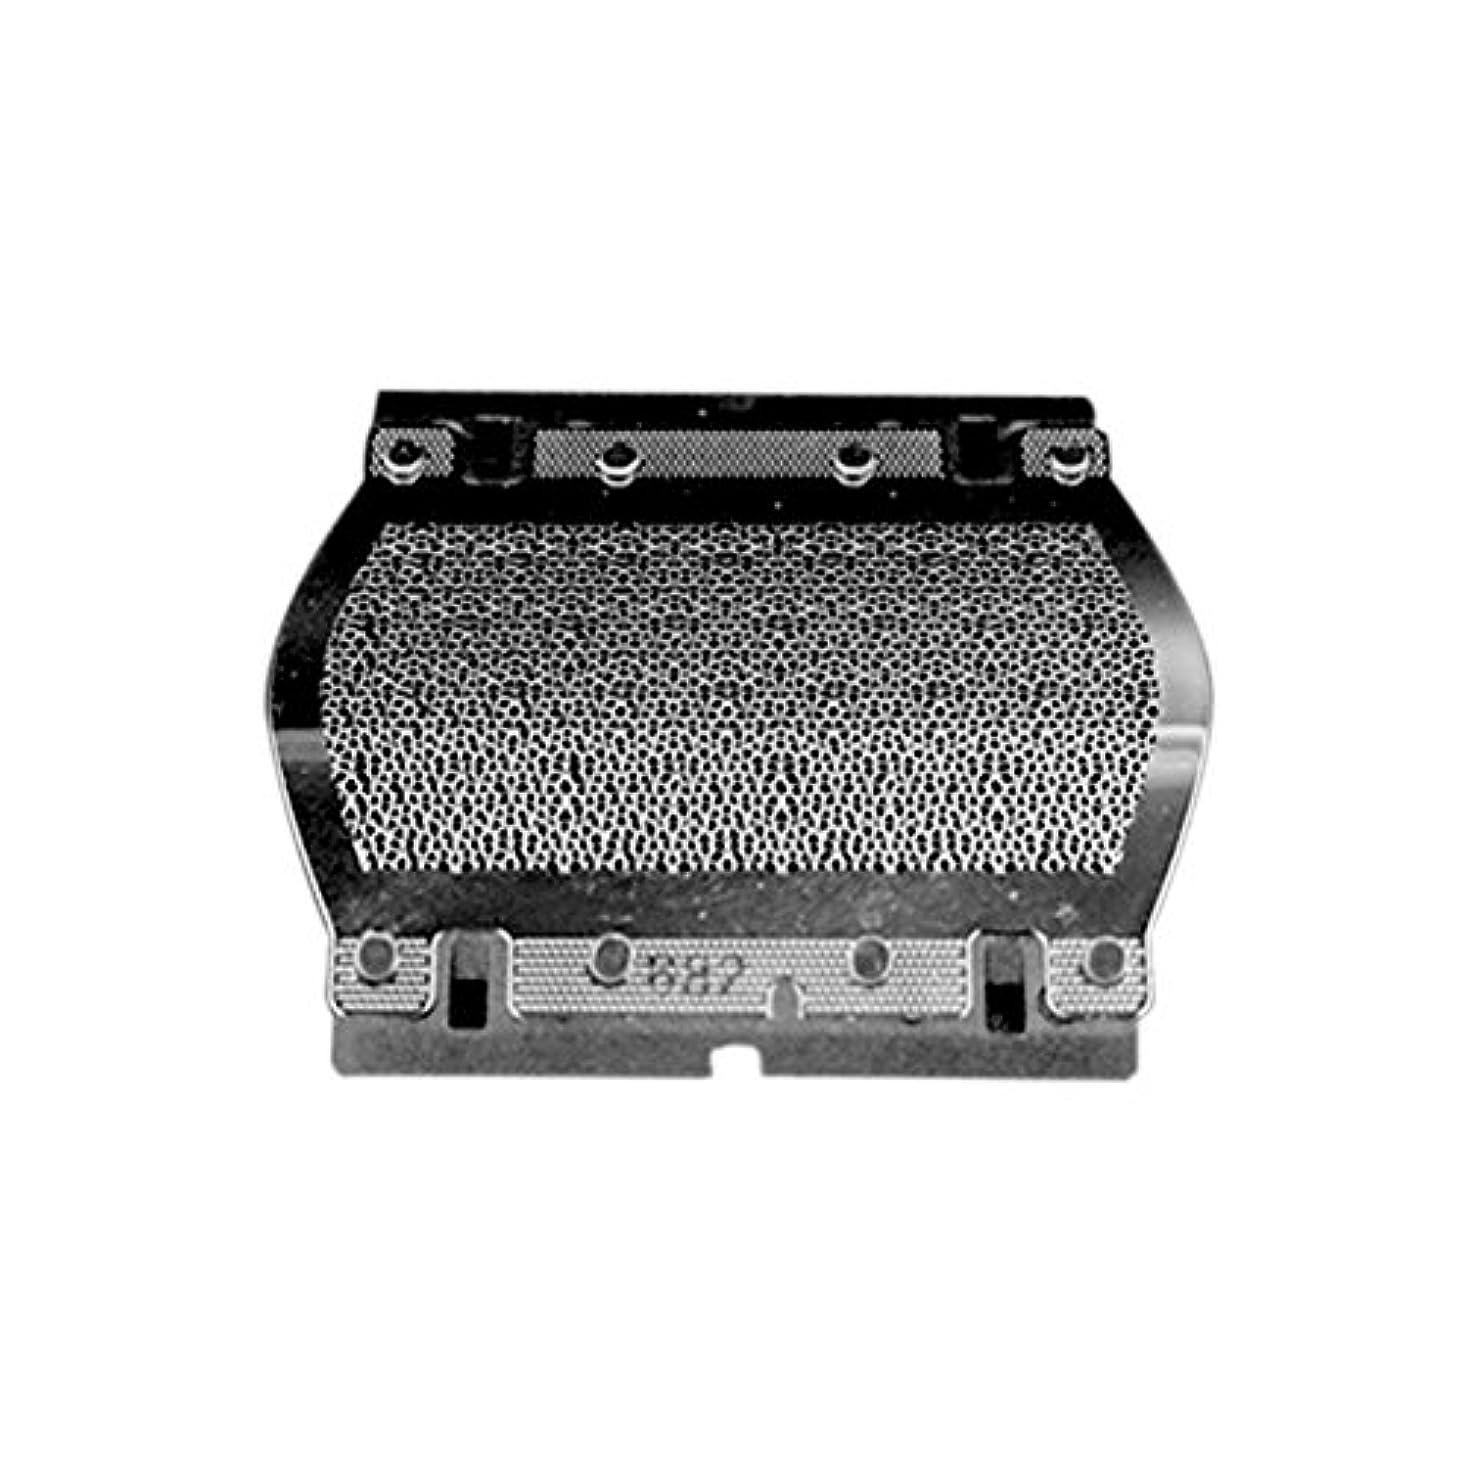 安いですコンパス商業のHZjundasi Replacement シェーバーカミソリ はく for Braun 11B/110/120/130s/140/150s/5682/5684